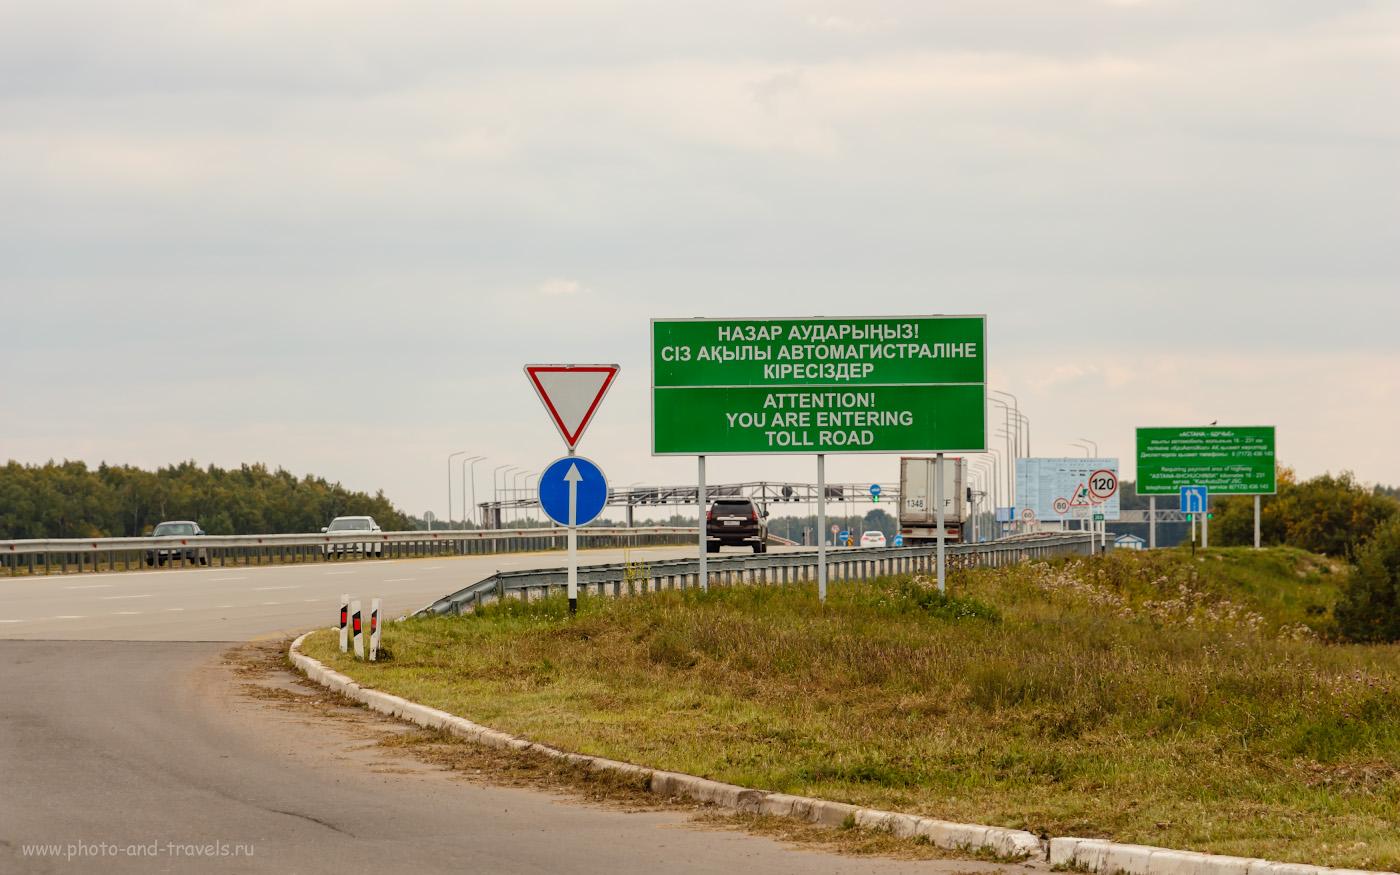 Снимок 42. Выезд на автомагистраль «Щучинск – Астана» после непродолжительного отдыха. Отчет о путешествии туристов из России по Казахстану на машине. 1/250, +0.3, 5.6, 100, 135.